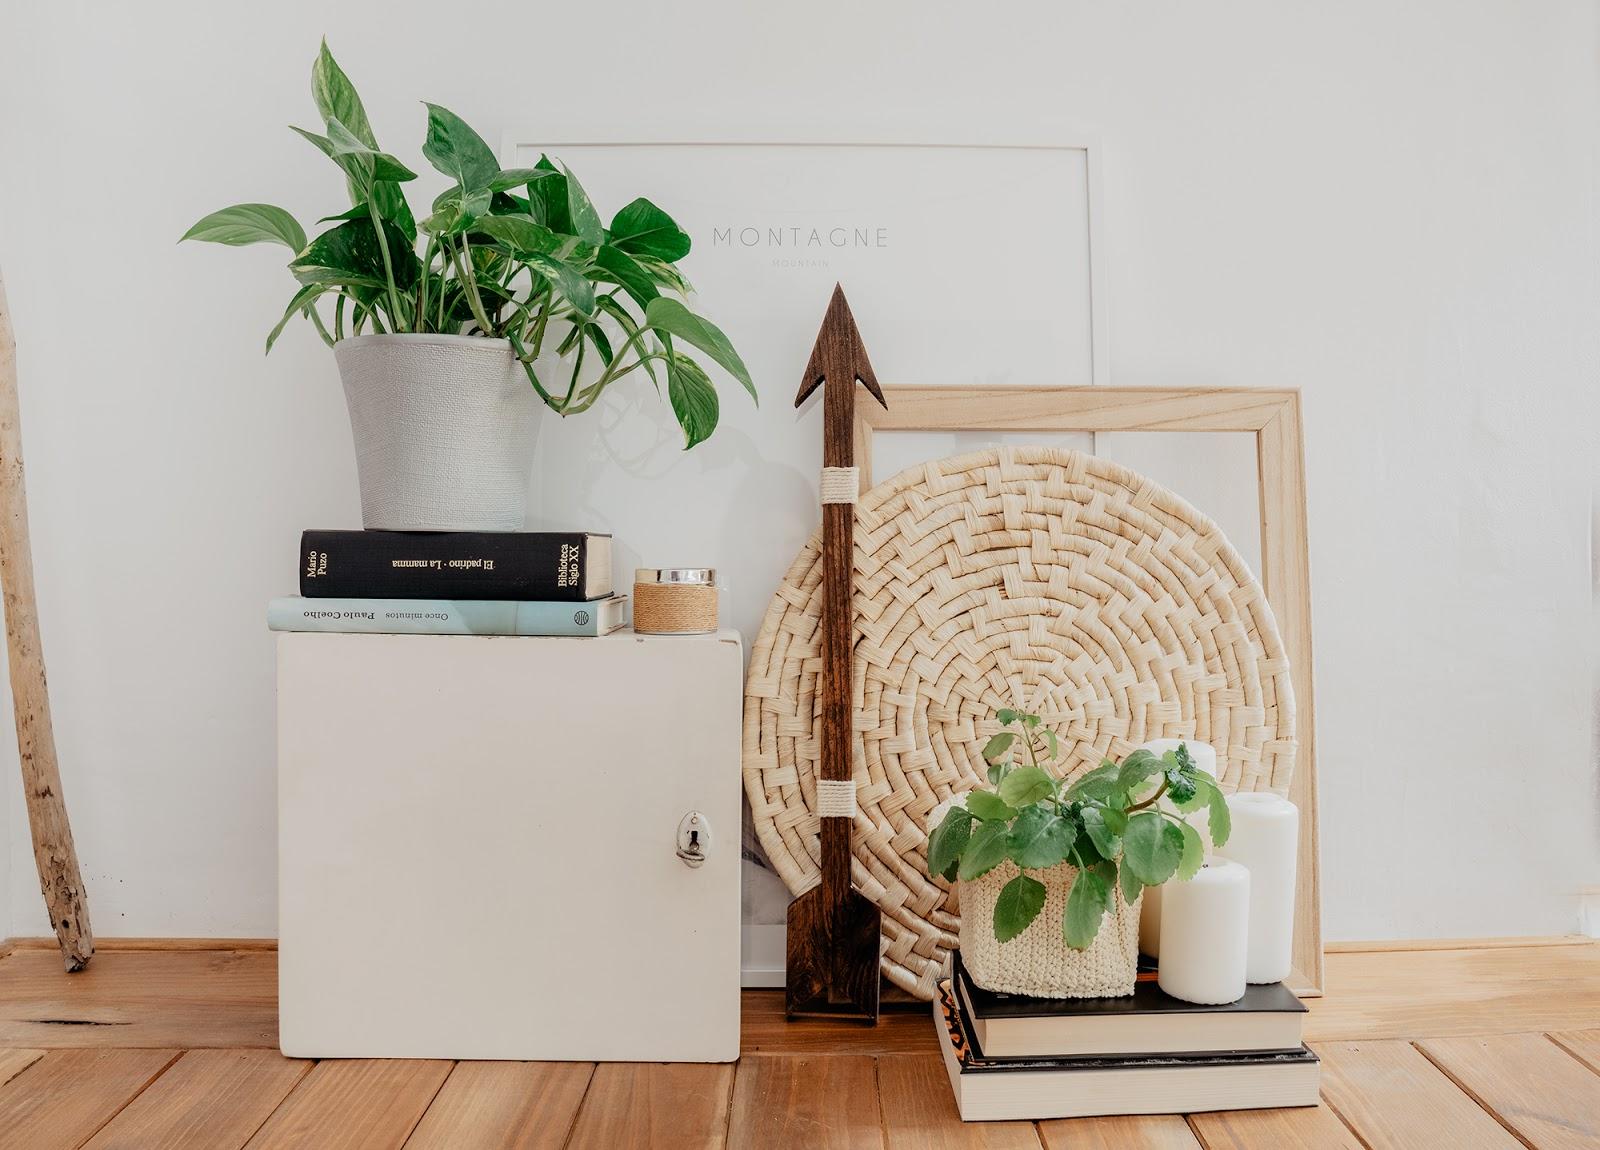 decoracion boho, decoracion indie, indie 2019, madera, flecha, tutorial, madera de palet, muebles palet, reciclar palet